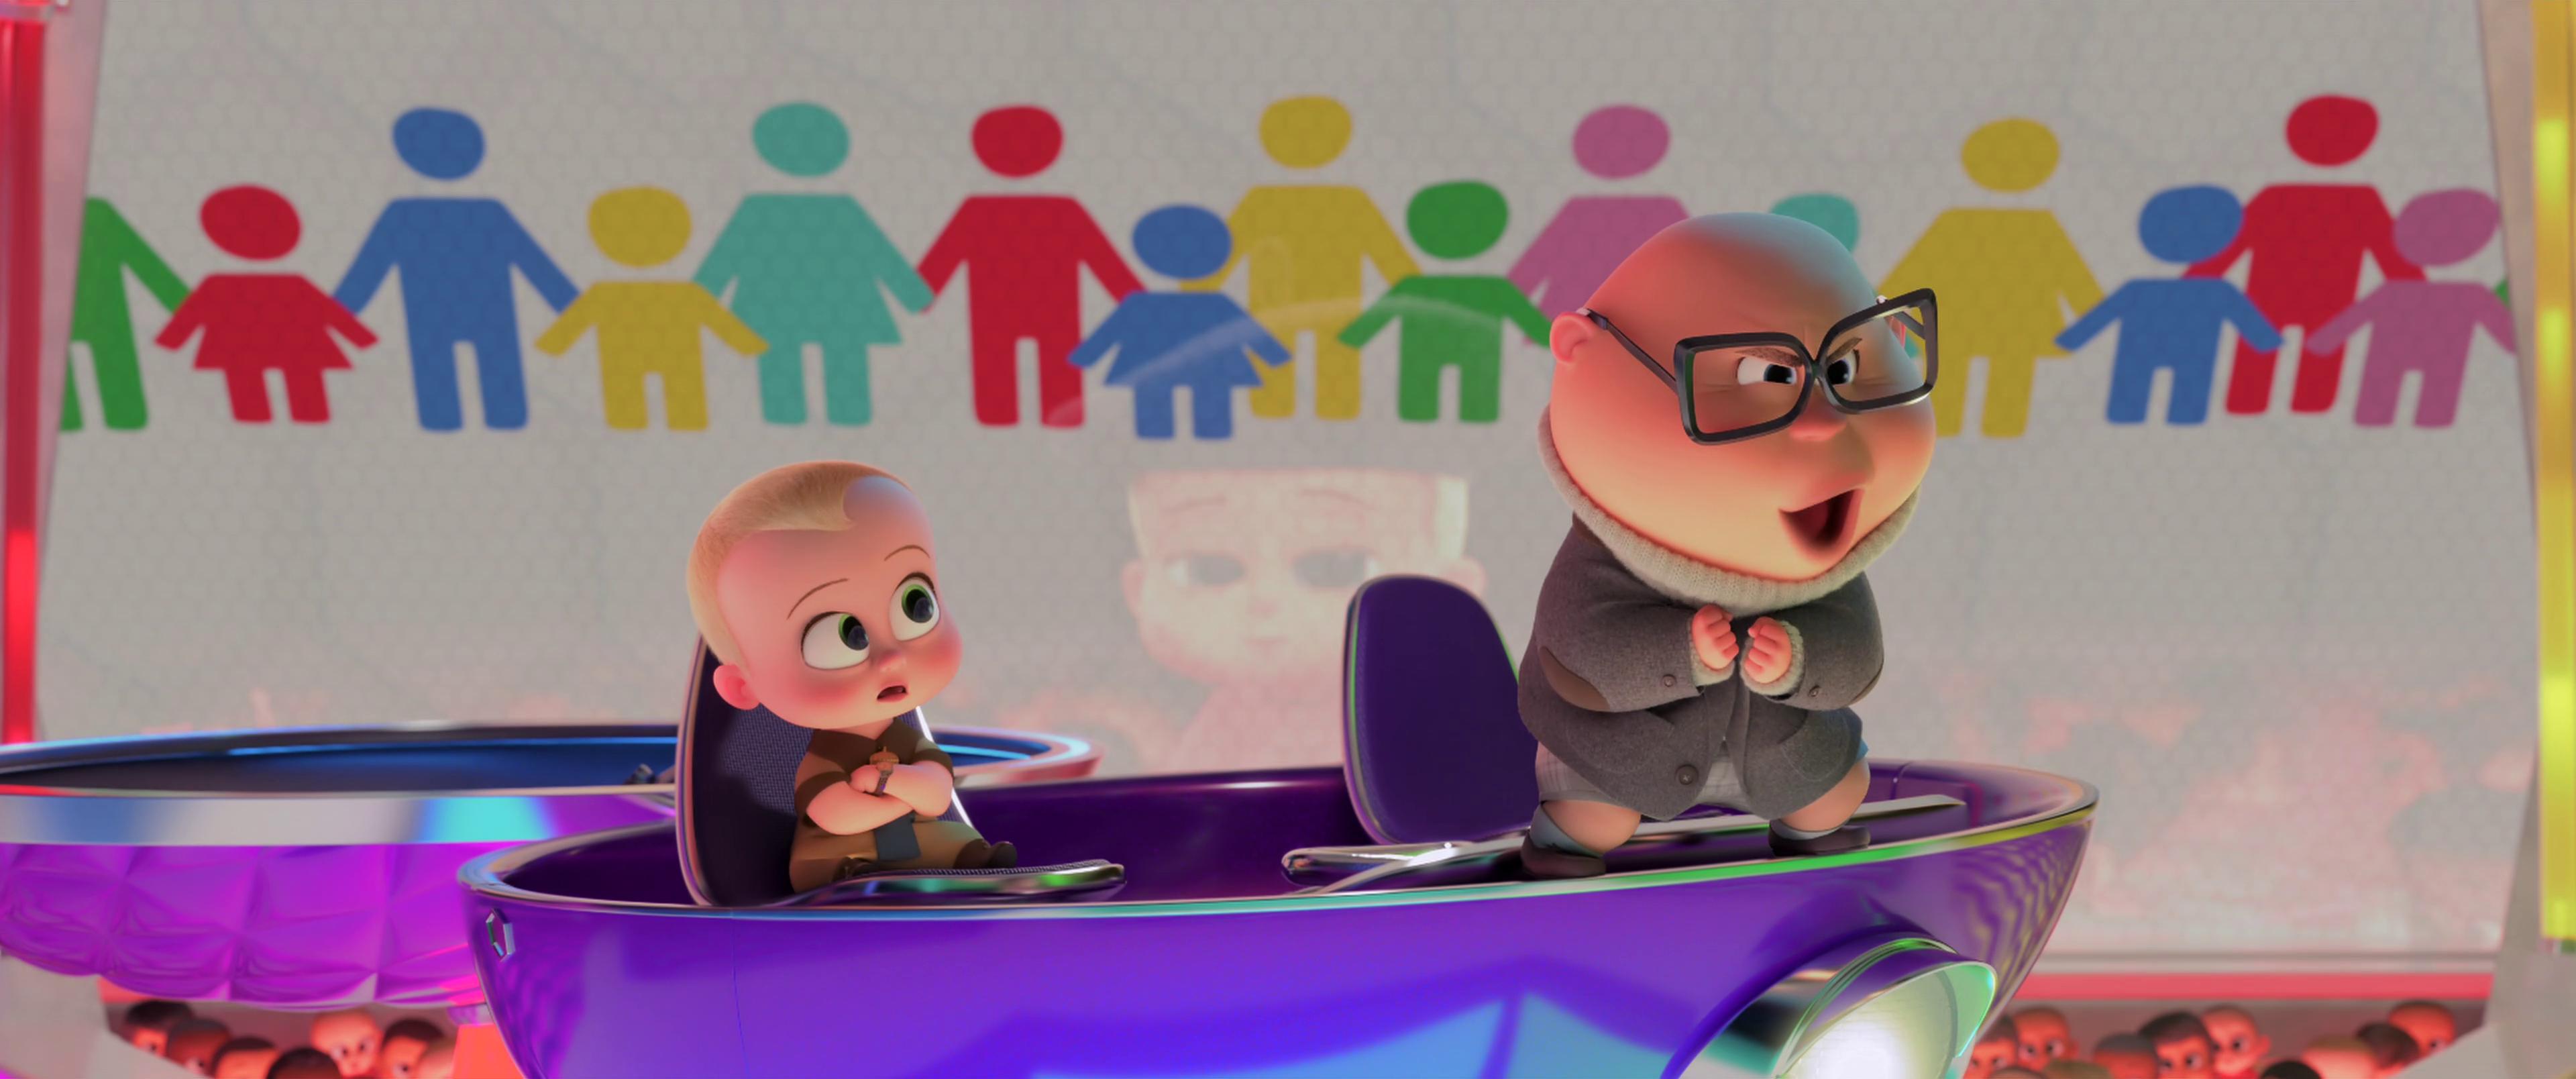 悠悠MP4_MP4电影下载_宝贝老板2/宝贝老板:家大业大 The.Boss.Baby.Family.Business.2021.2160p.BluRay.x265.10bit.SDR.D